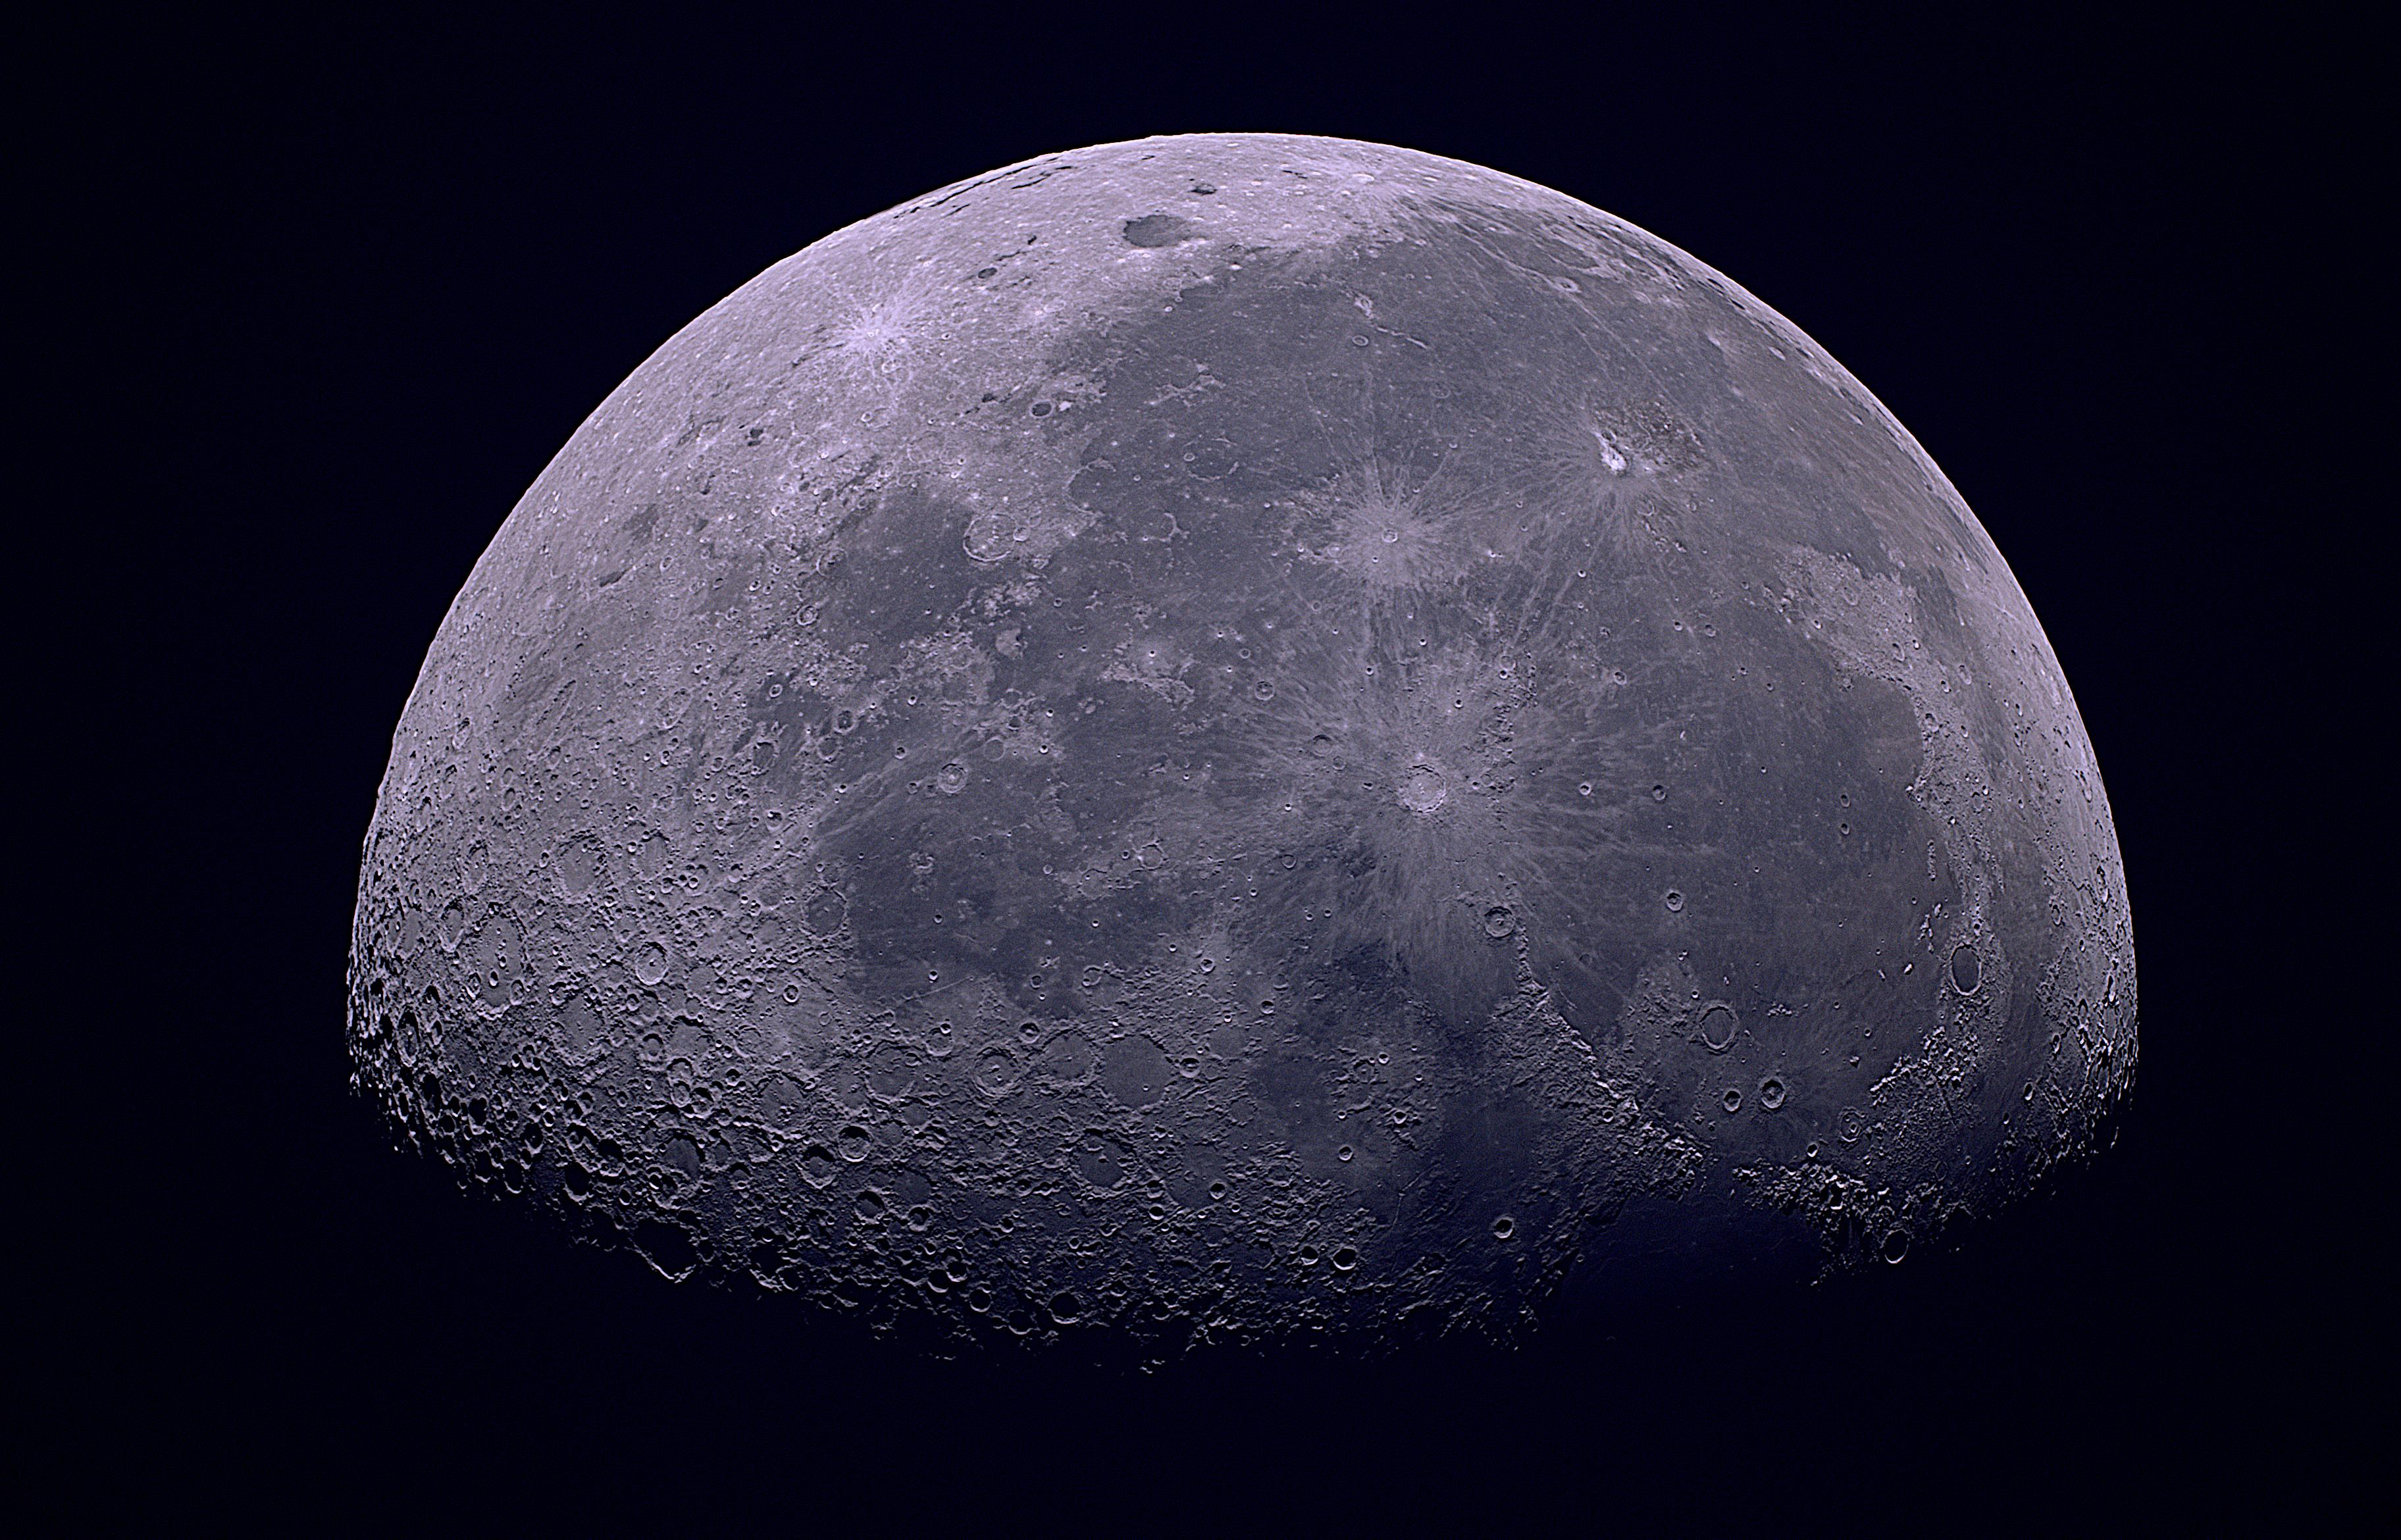 La Lune au lever du soleil, en couleur le 18 novembre 2019  07h36TU